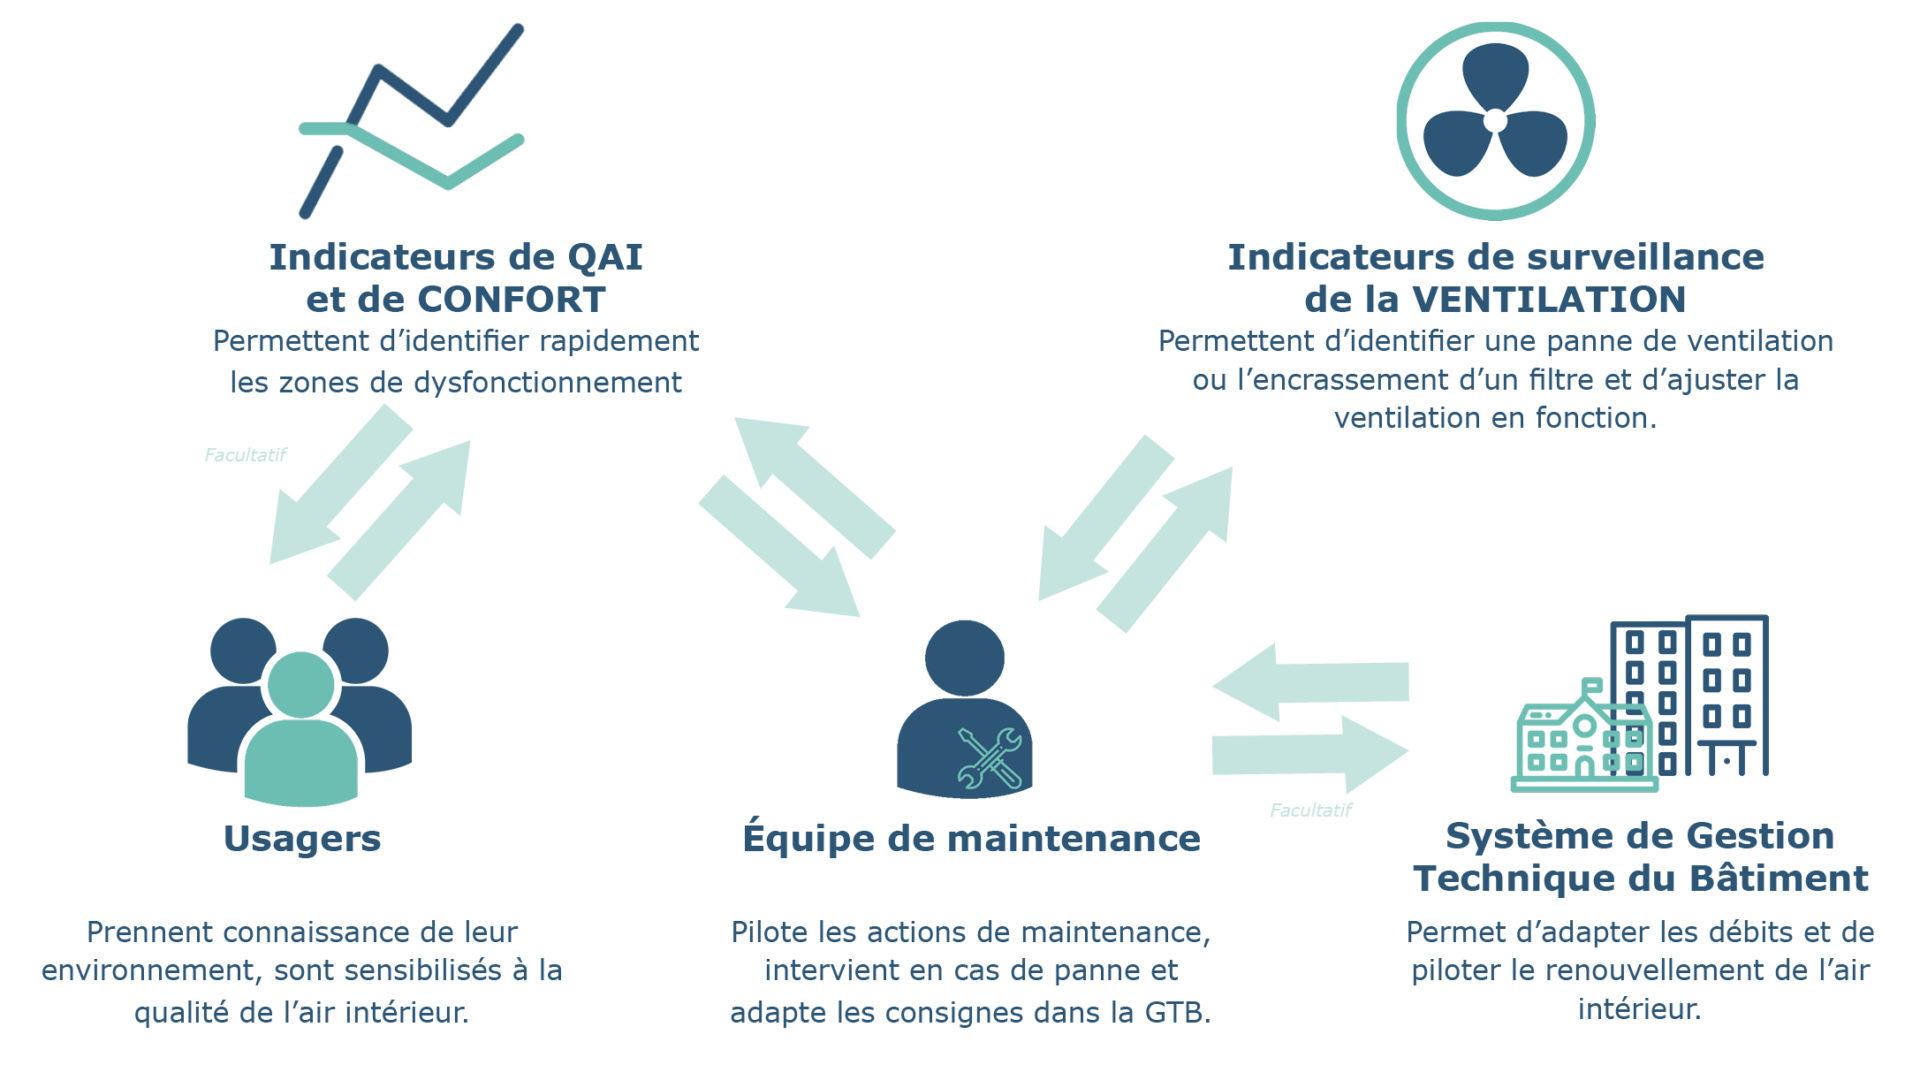 iot-qualite-air-interieur-qai-confort-batiment-immeuble-ventilation